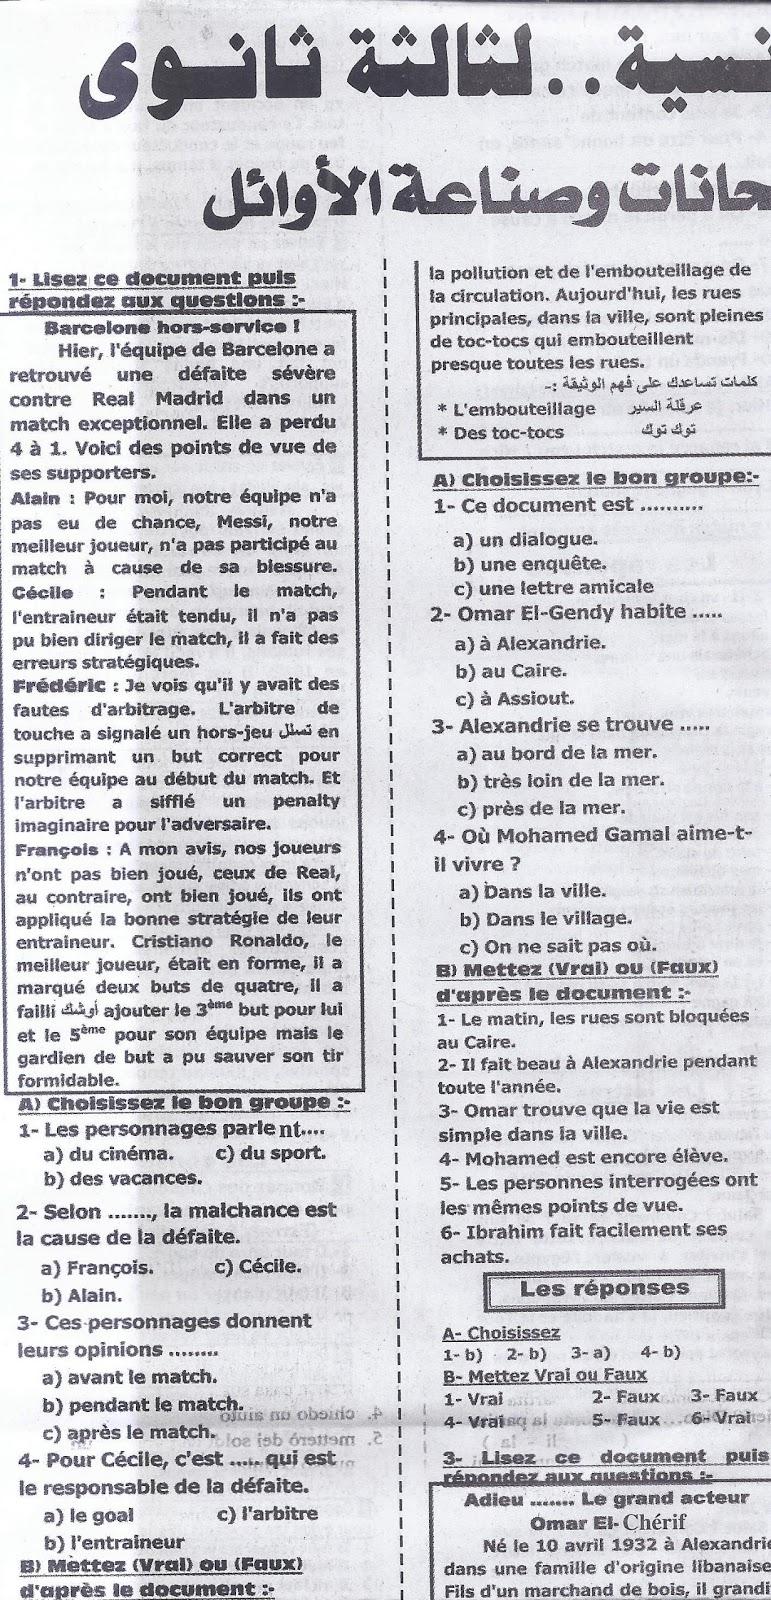 أهم أسئلة اللغة الفرنسية المتوقعة لامتحان الثانوية العامة 2016 بالاجابات  4